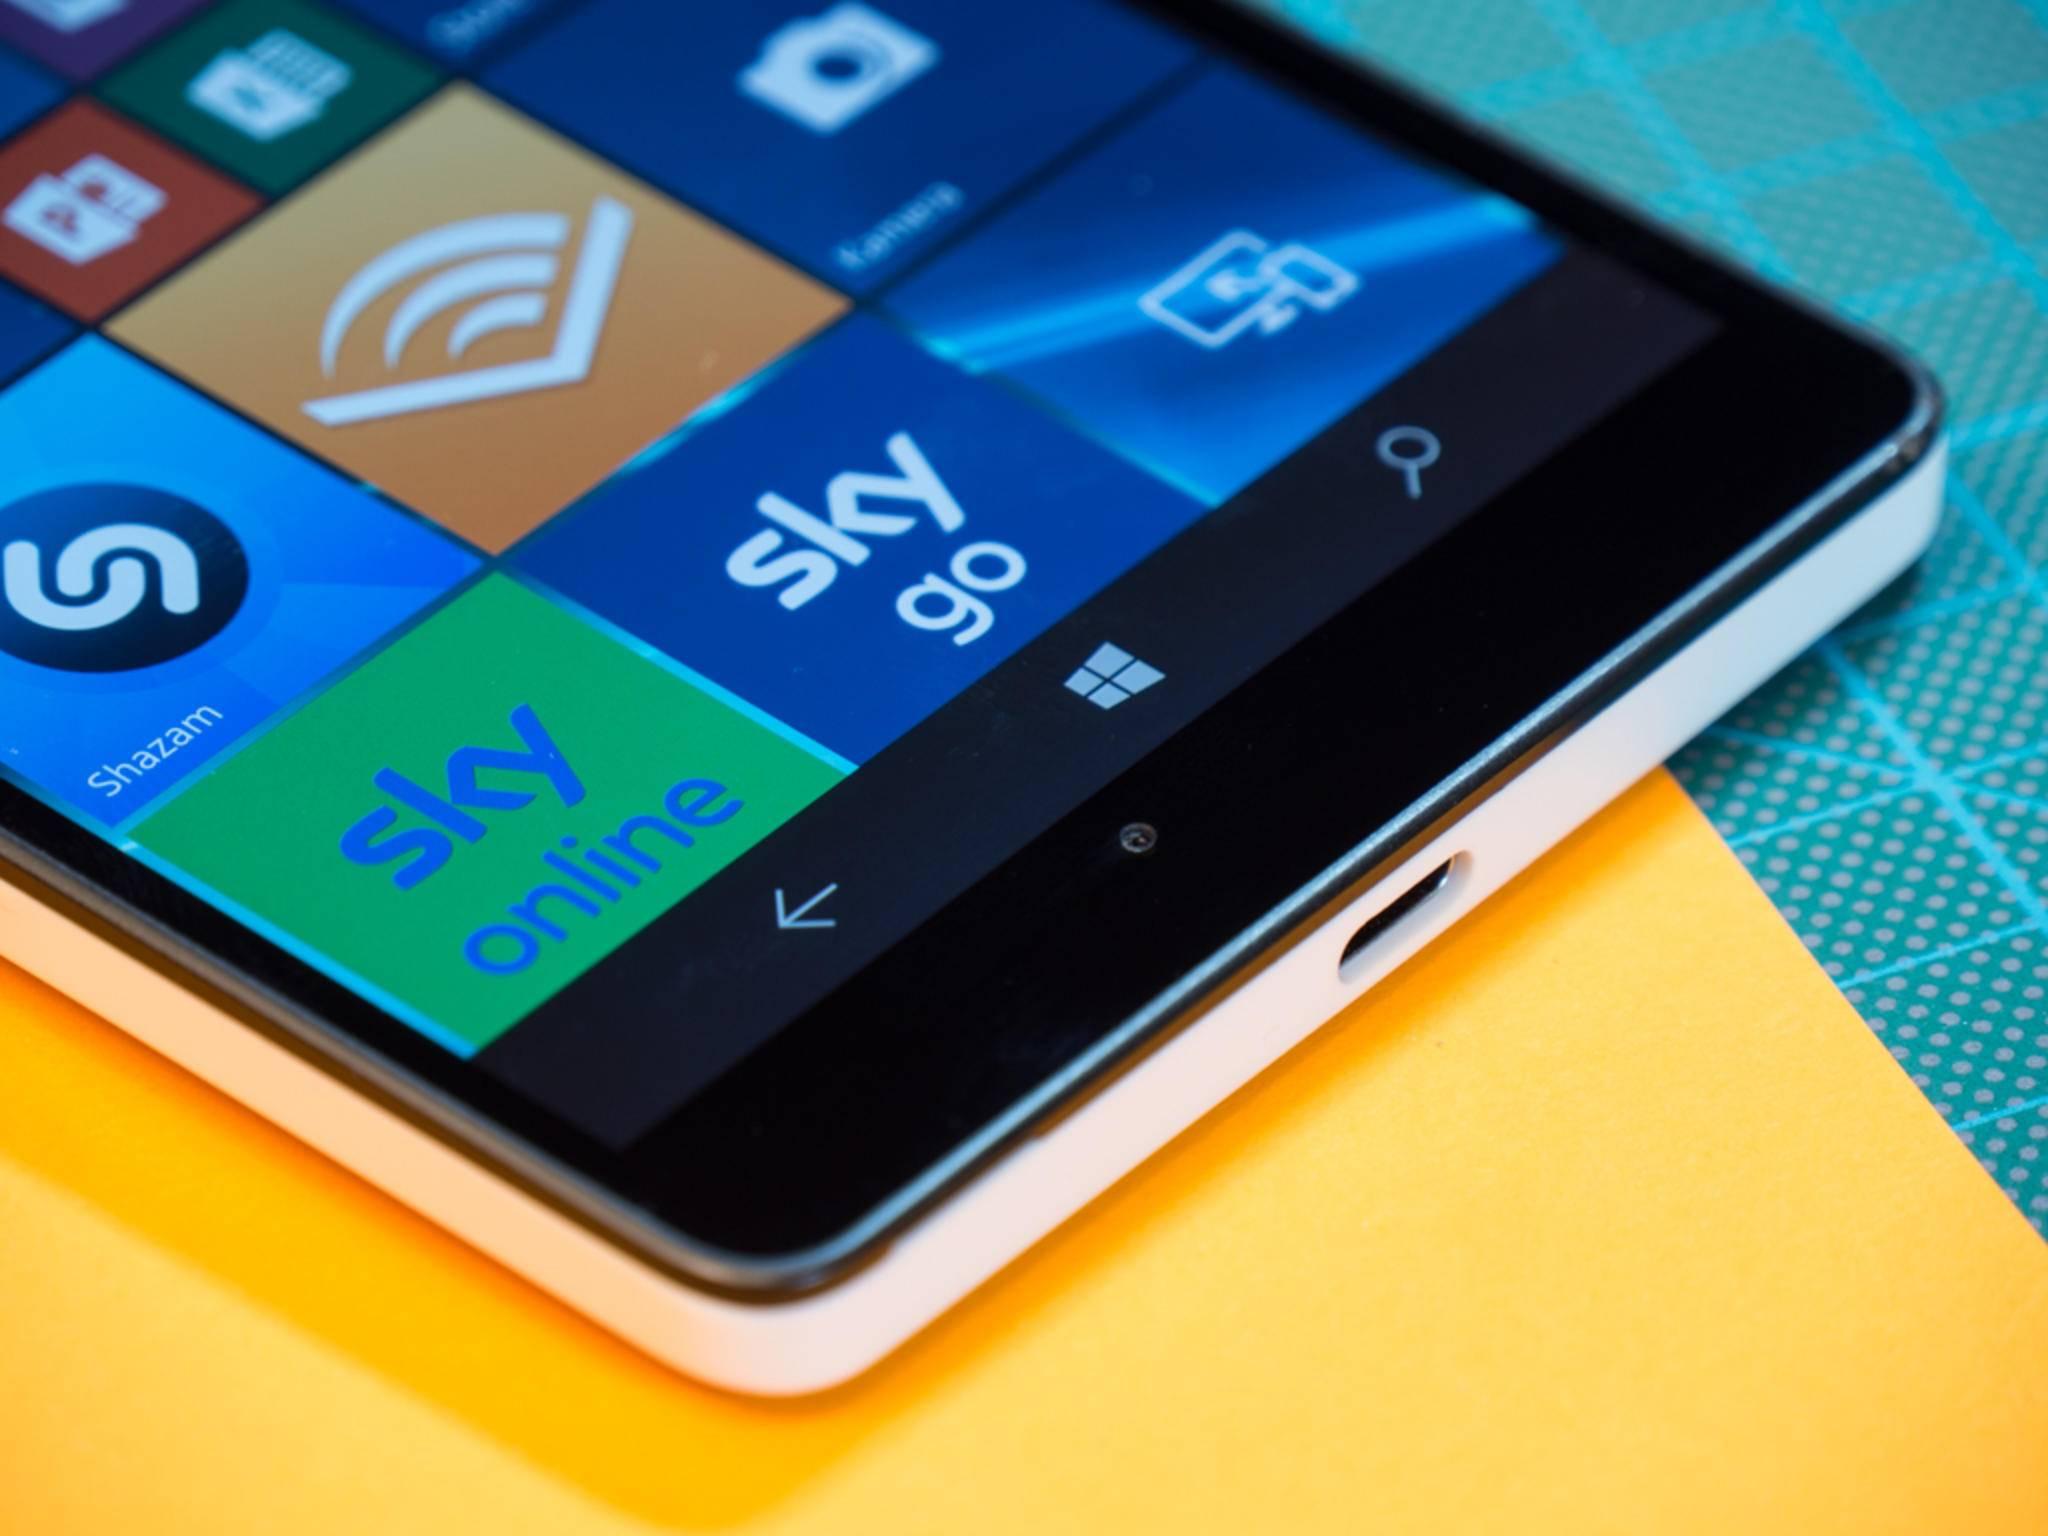 Wir haben das Lumia 950 einem ausführlichen Test unterzogen.